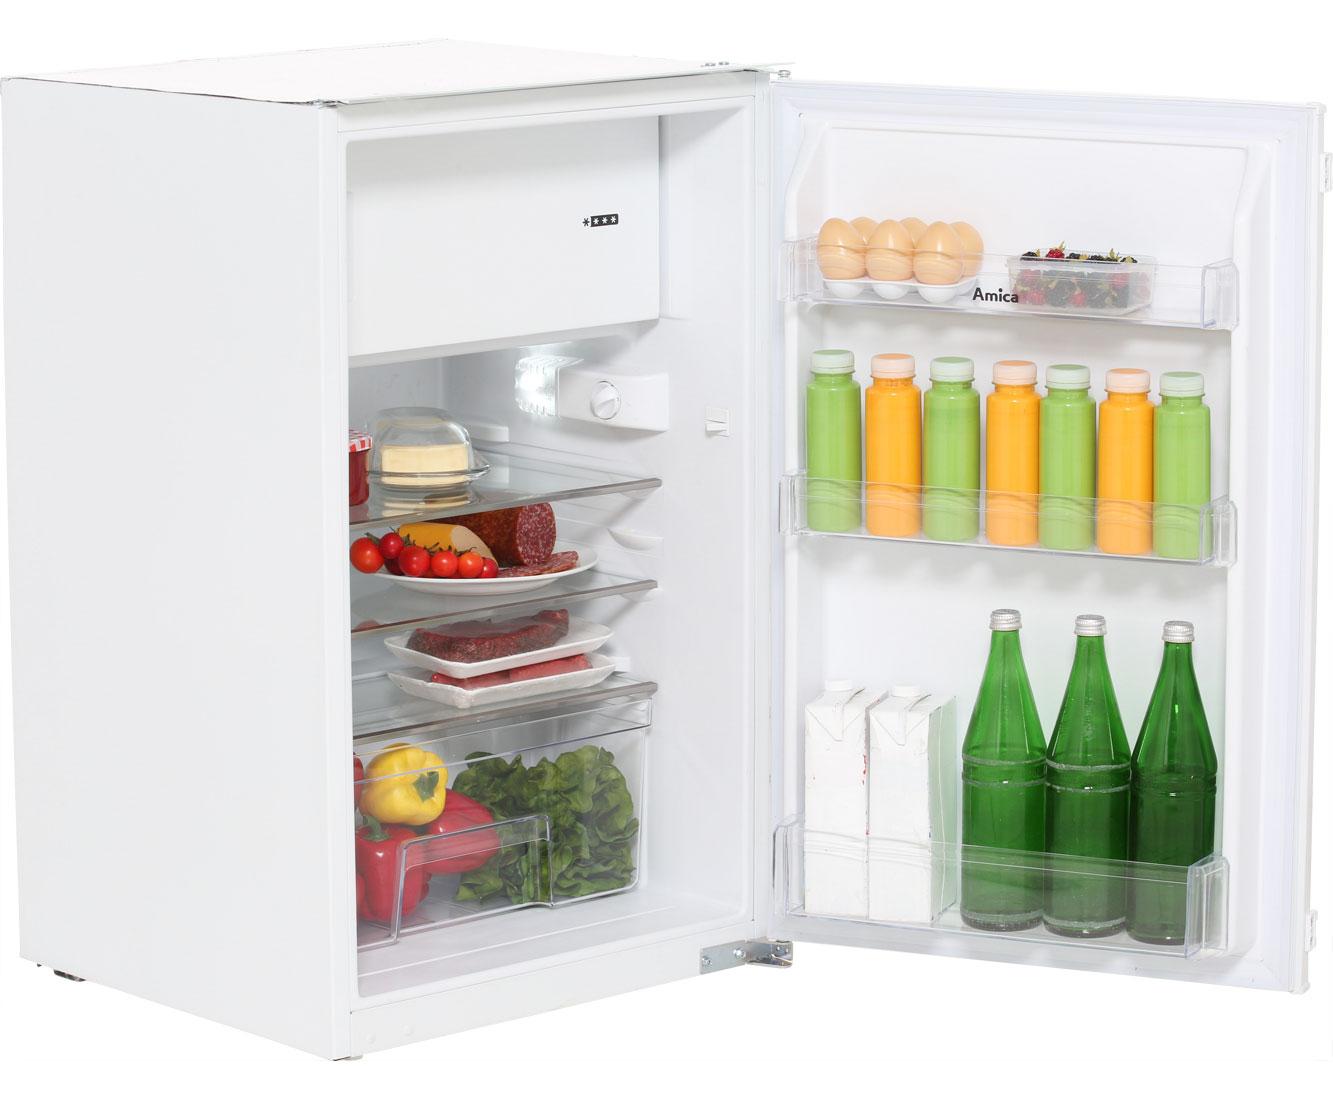 Amica Kühlschrank Firma : Amica eks einbau kühlschrank mit gefrierfach er nische